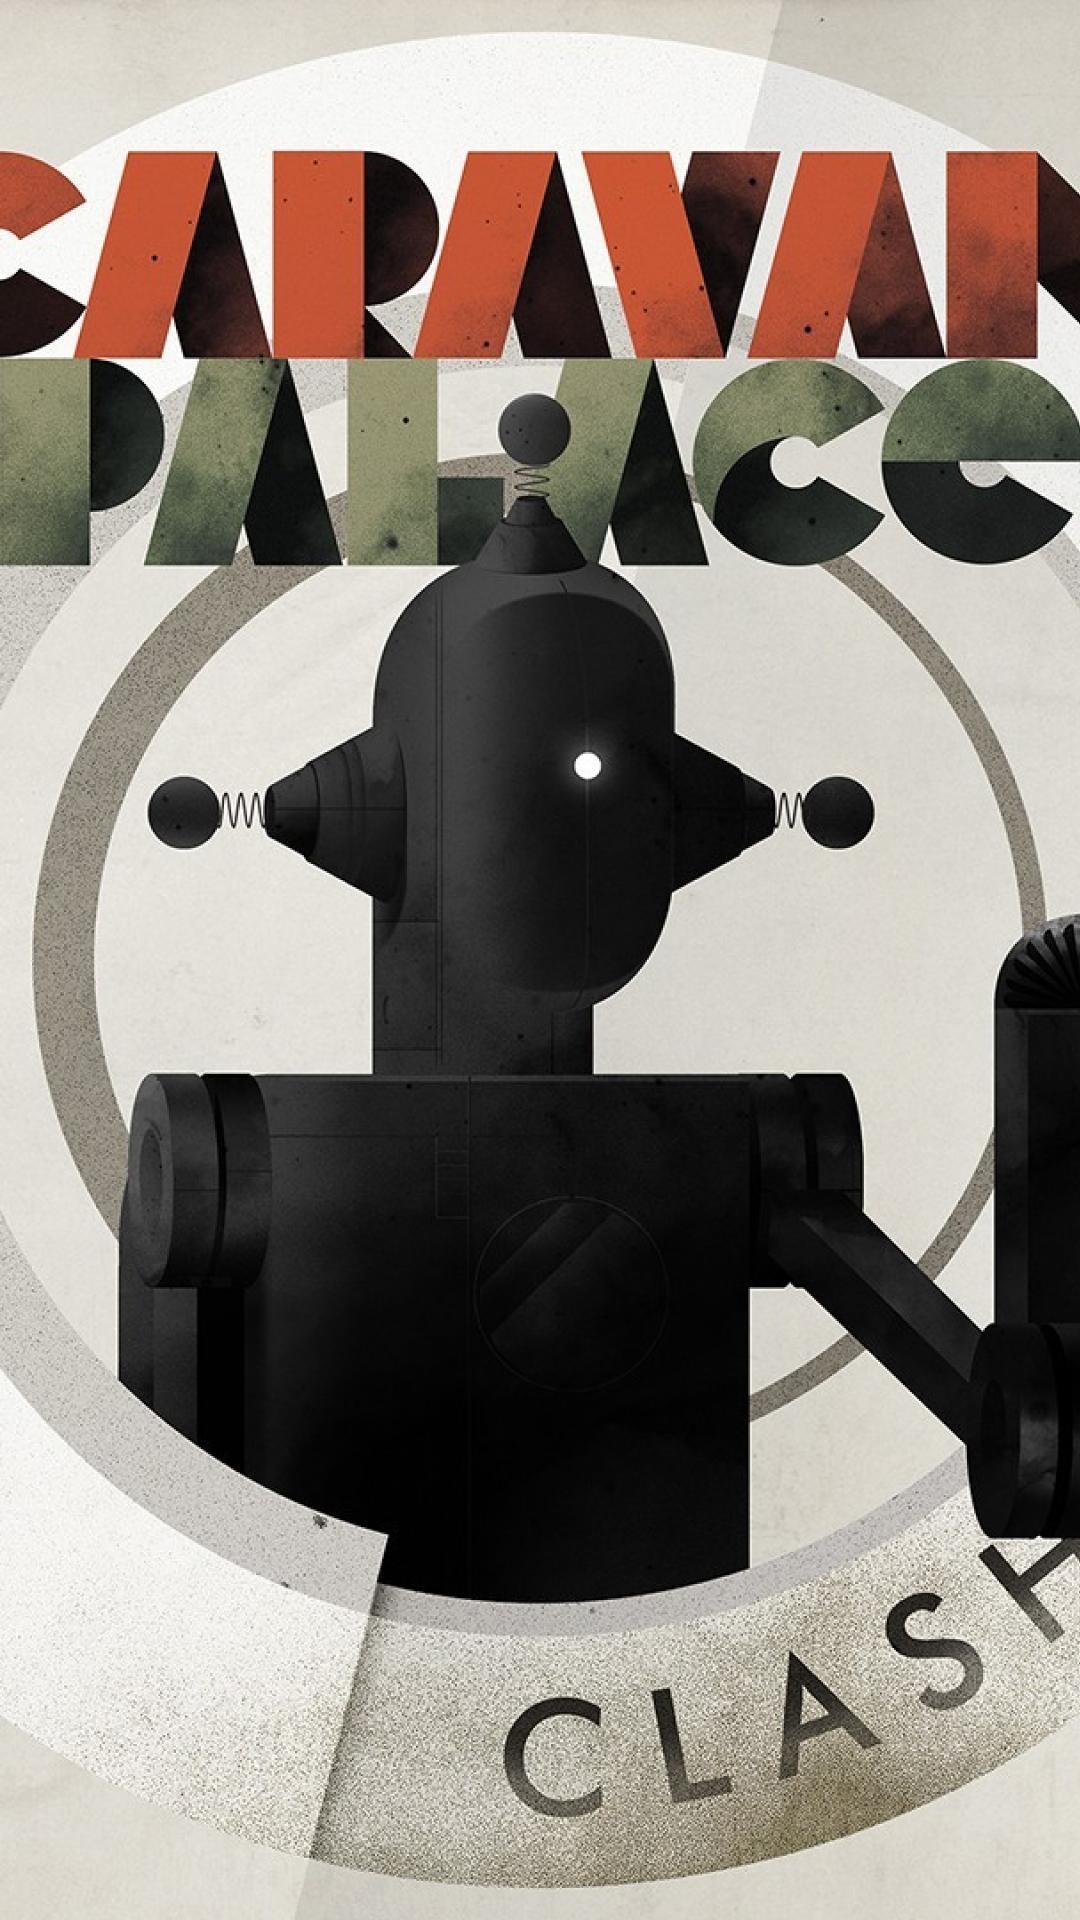 Free Download Music Electro Swing Caravan Palace Clash